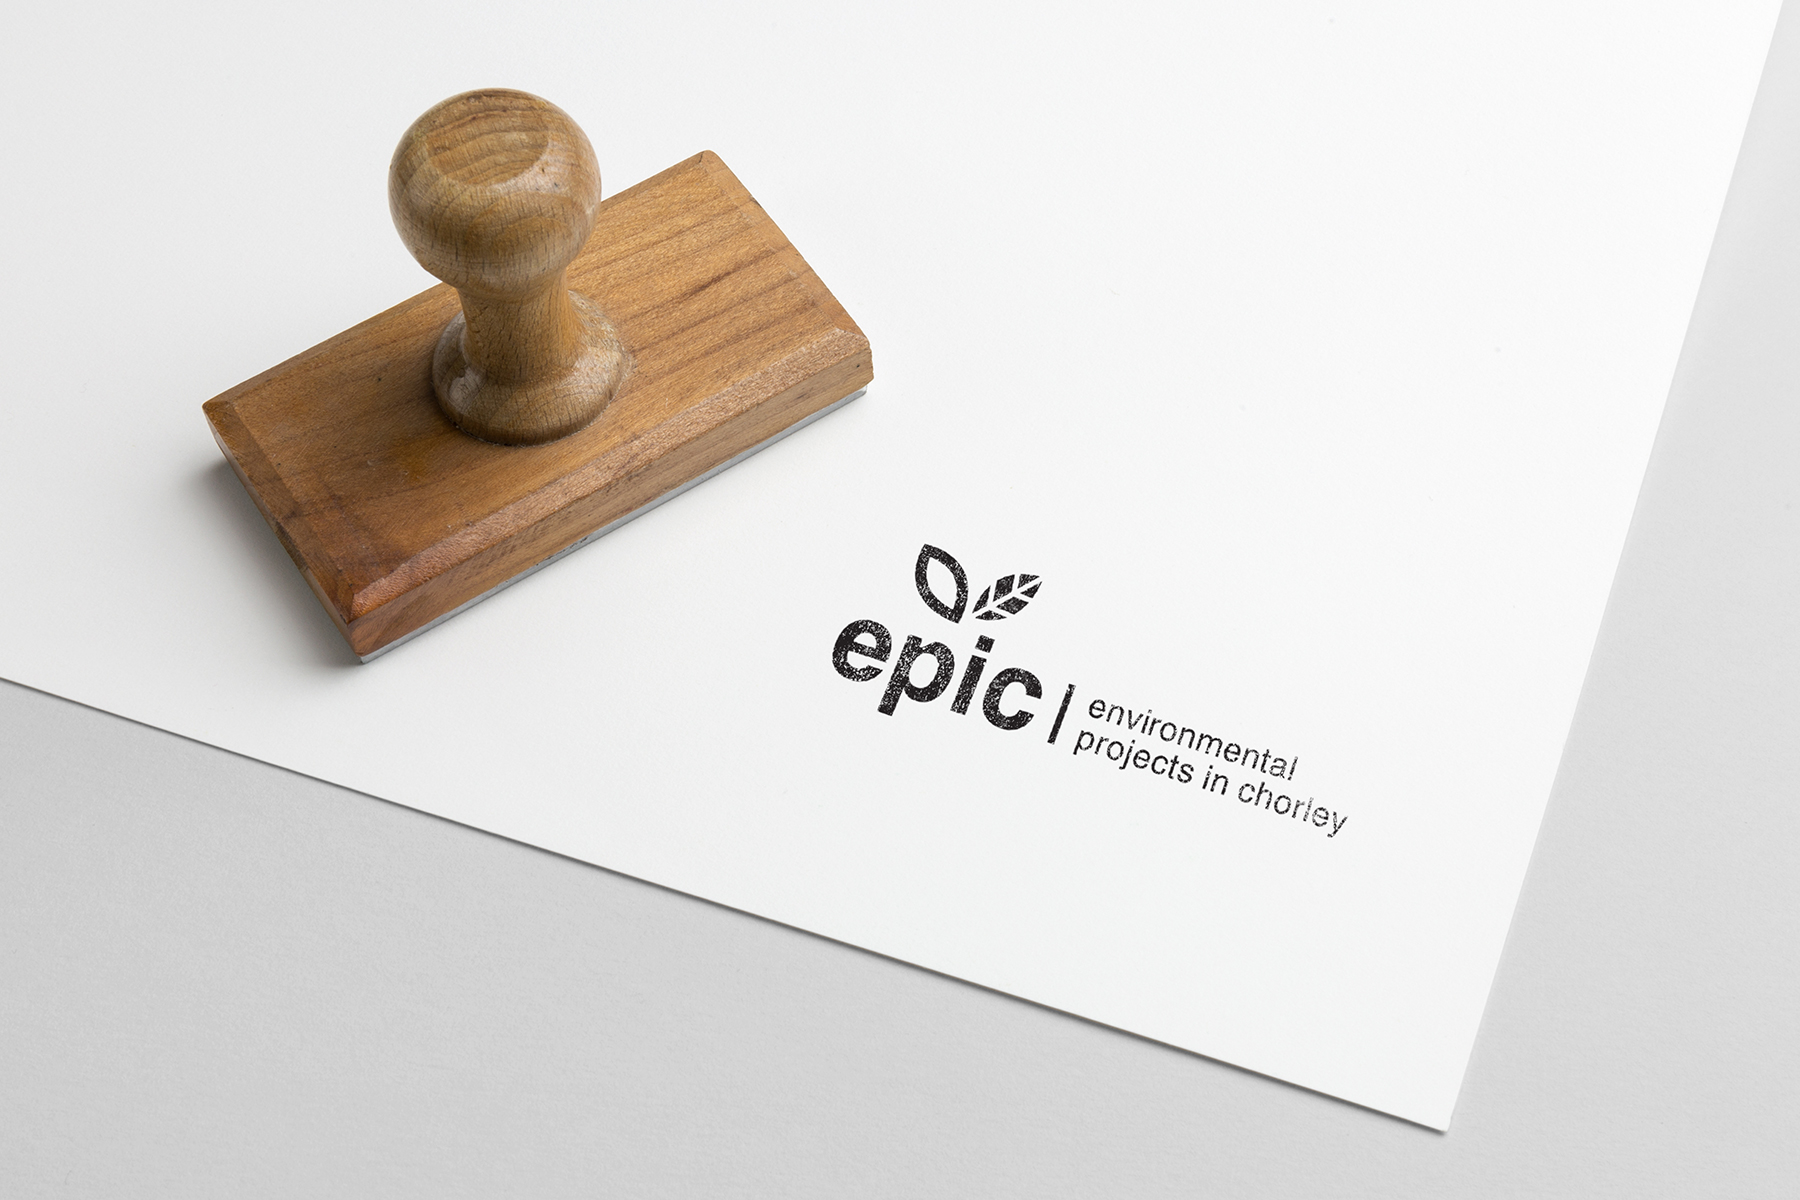 epic logo stamp